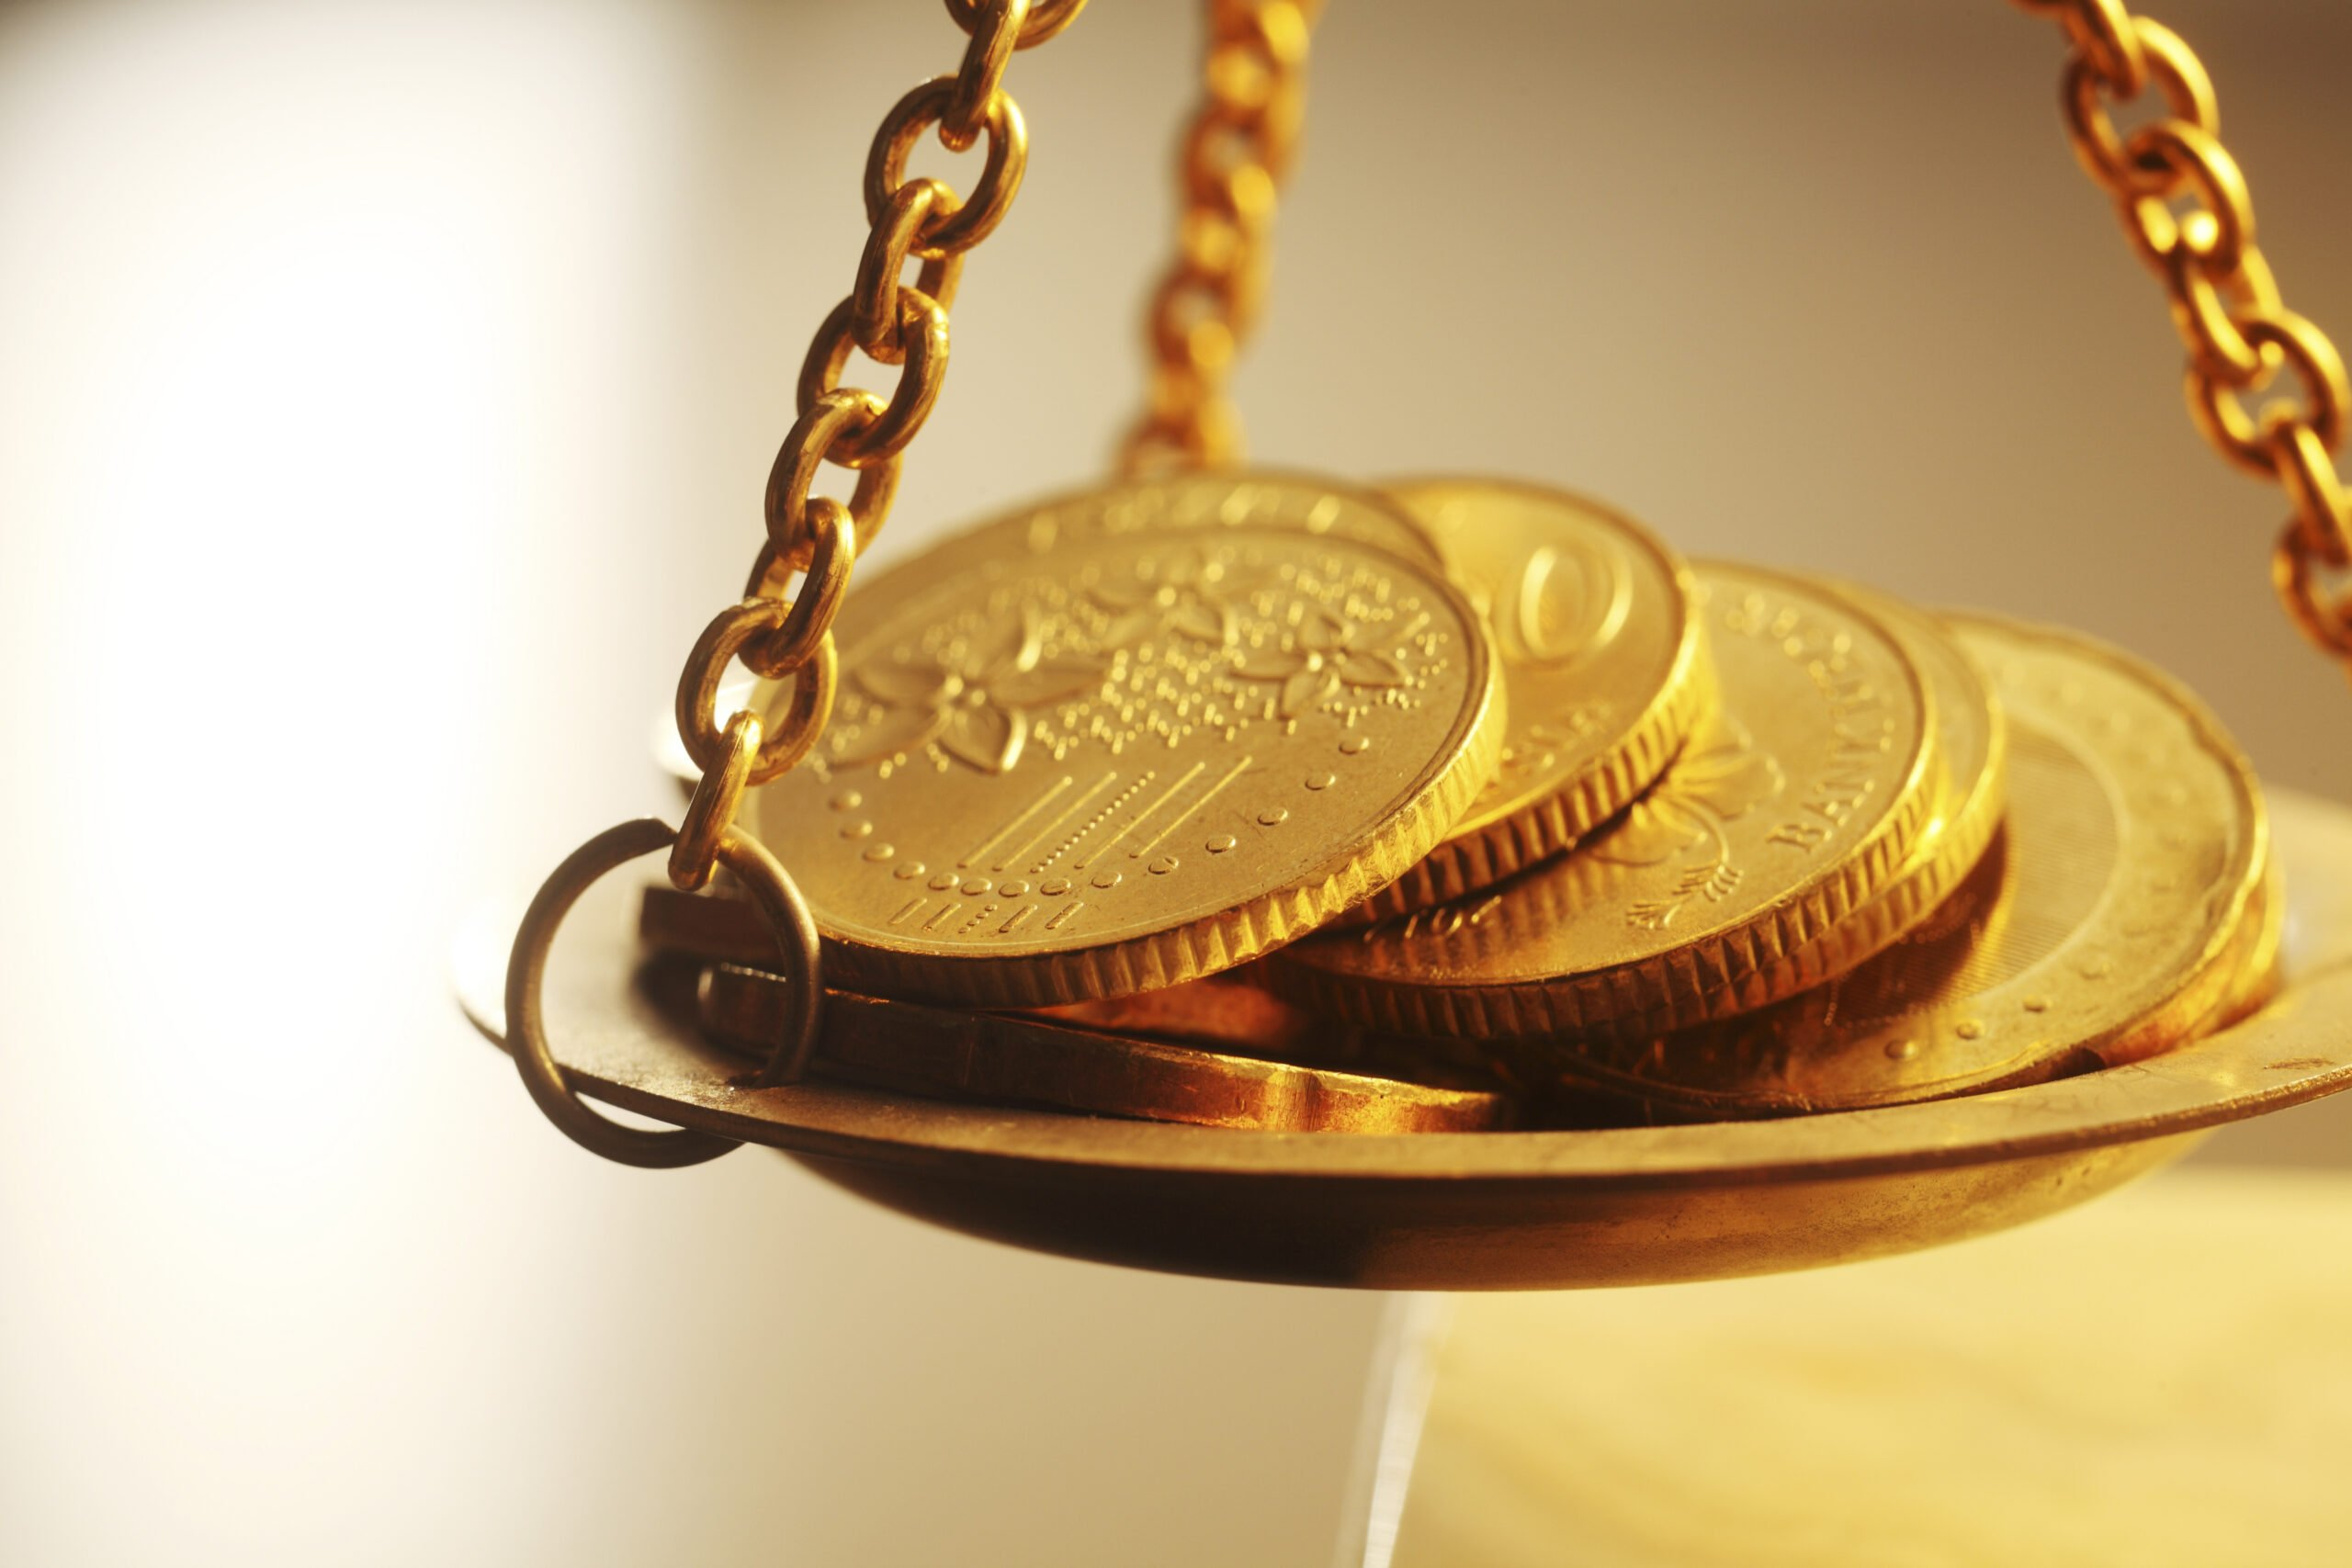 Selge gull til gullsmed